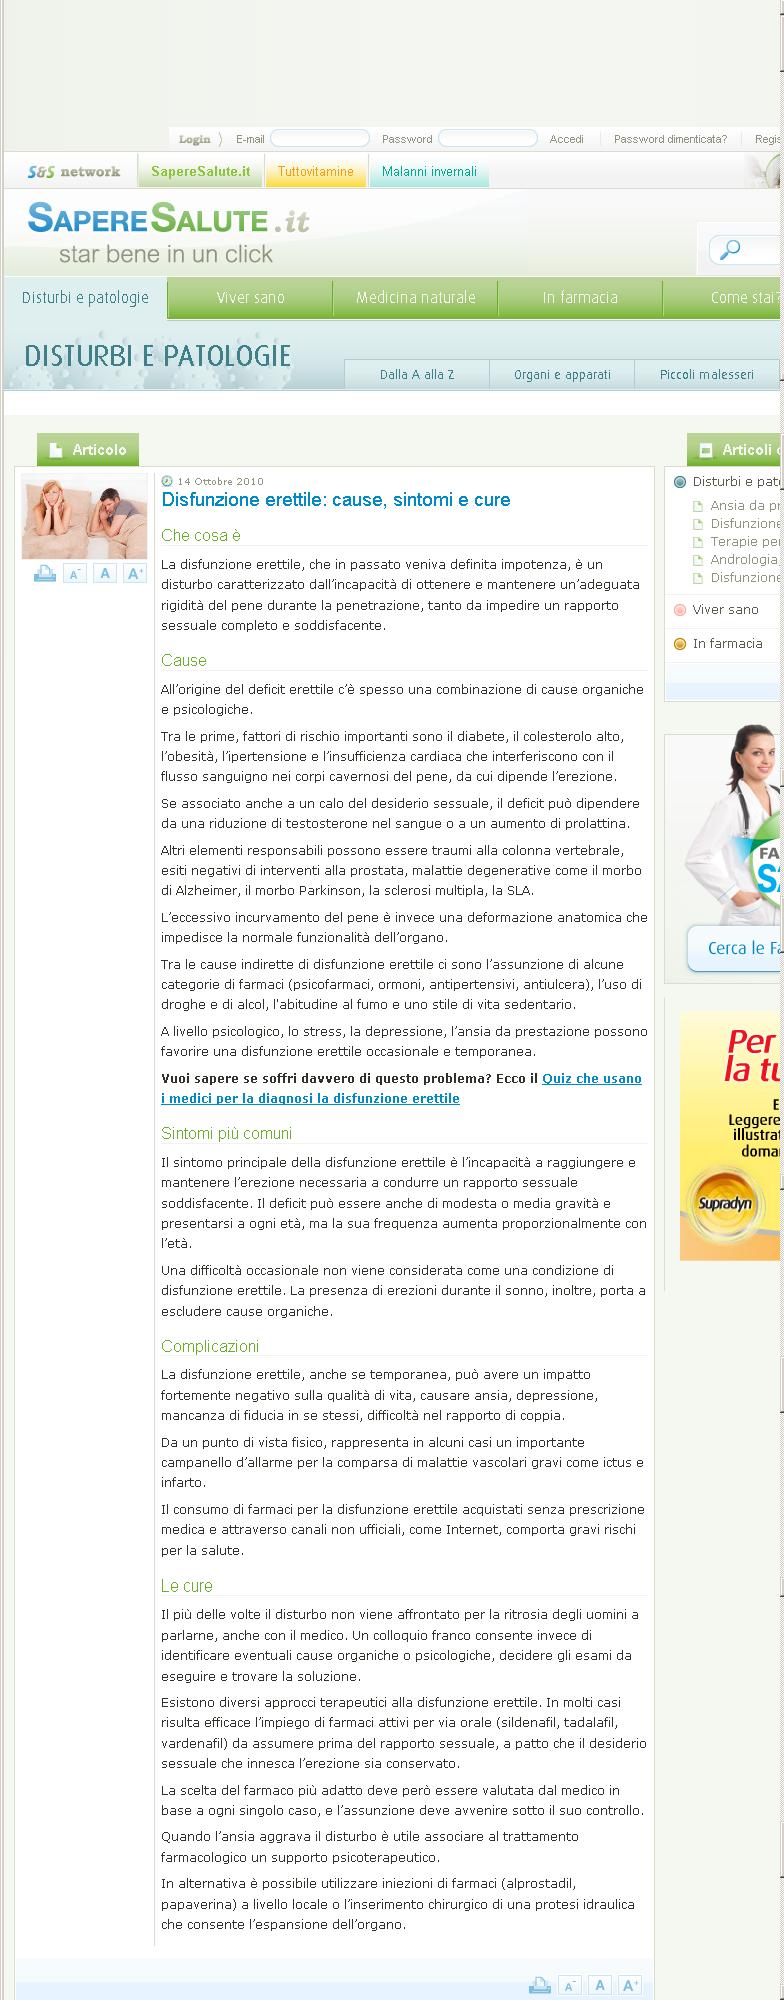 Disfunzione erettile: cause, sintomi e cure